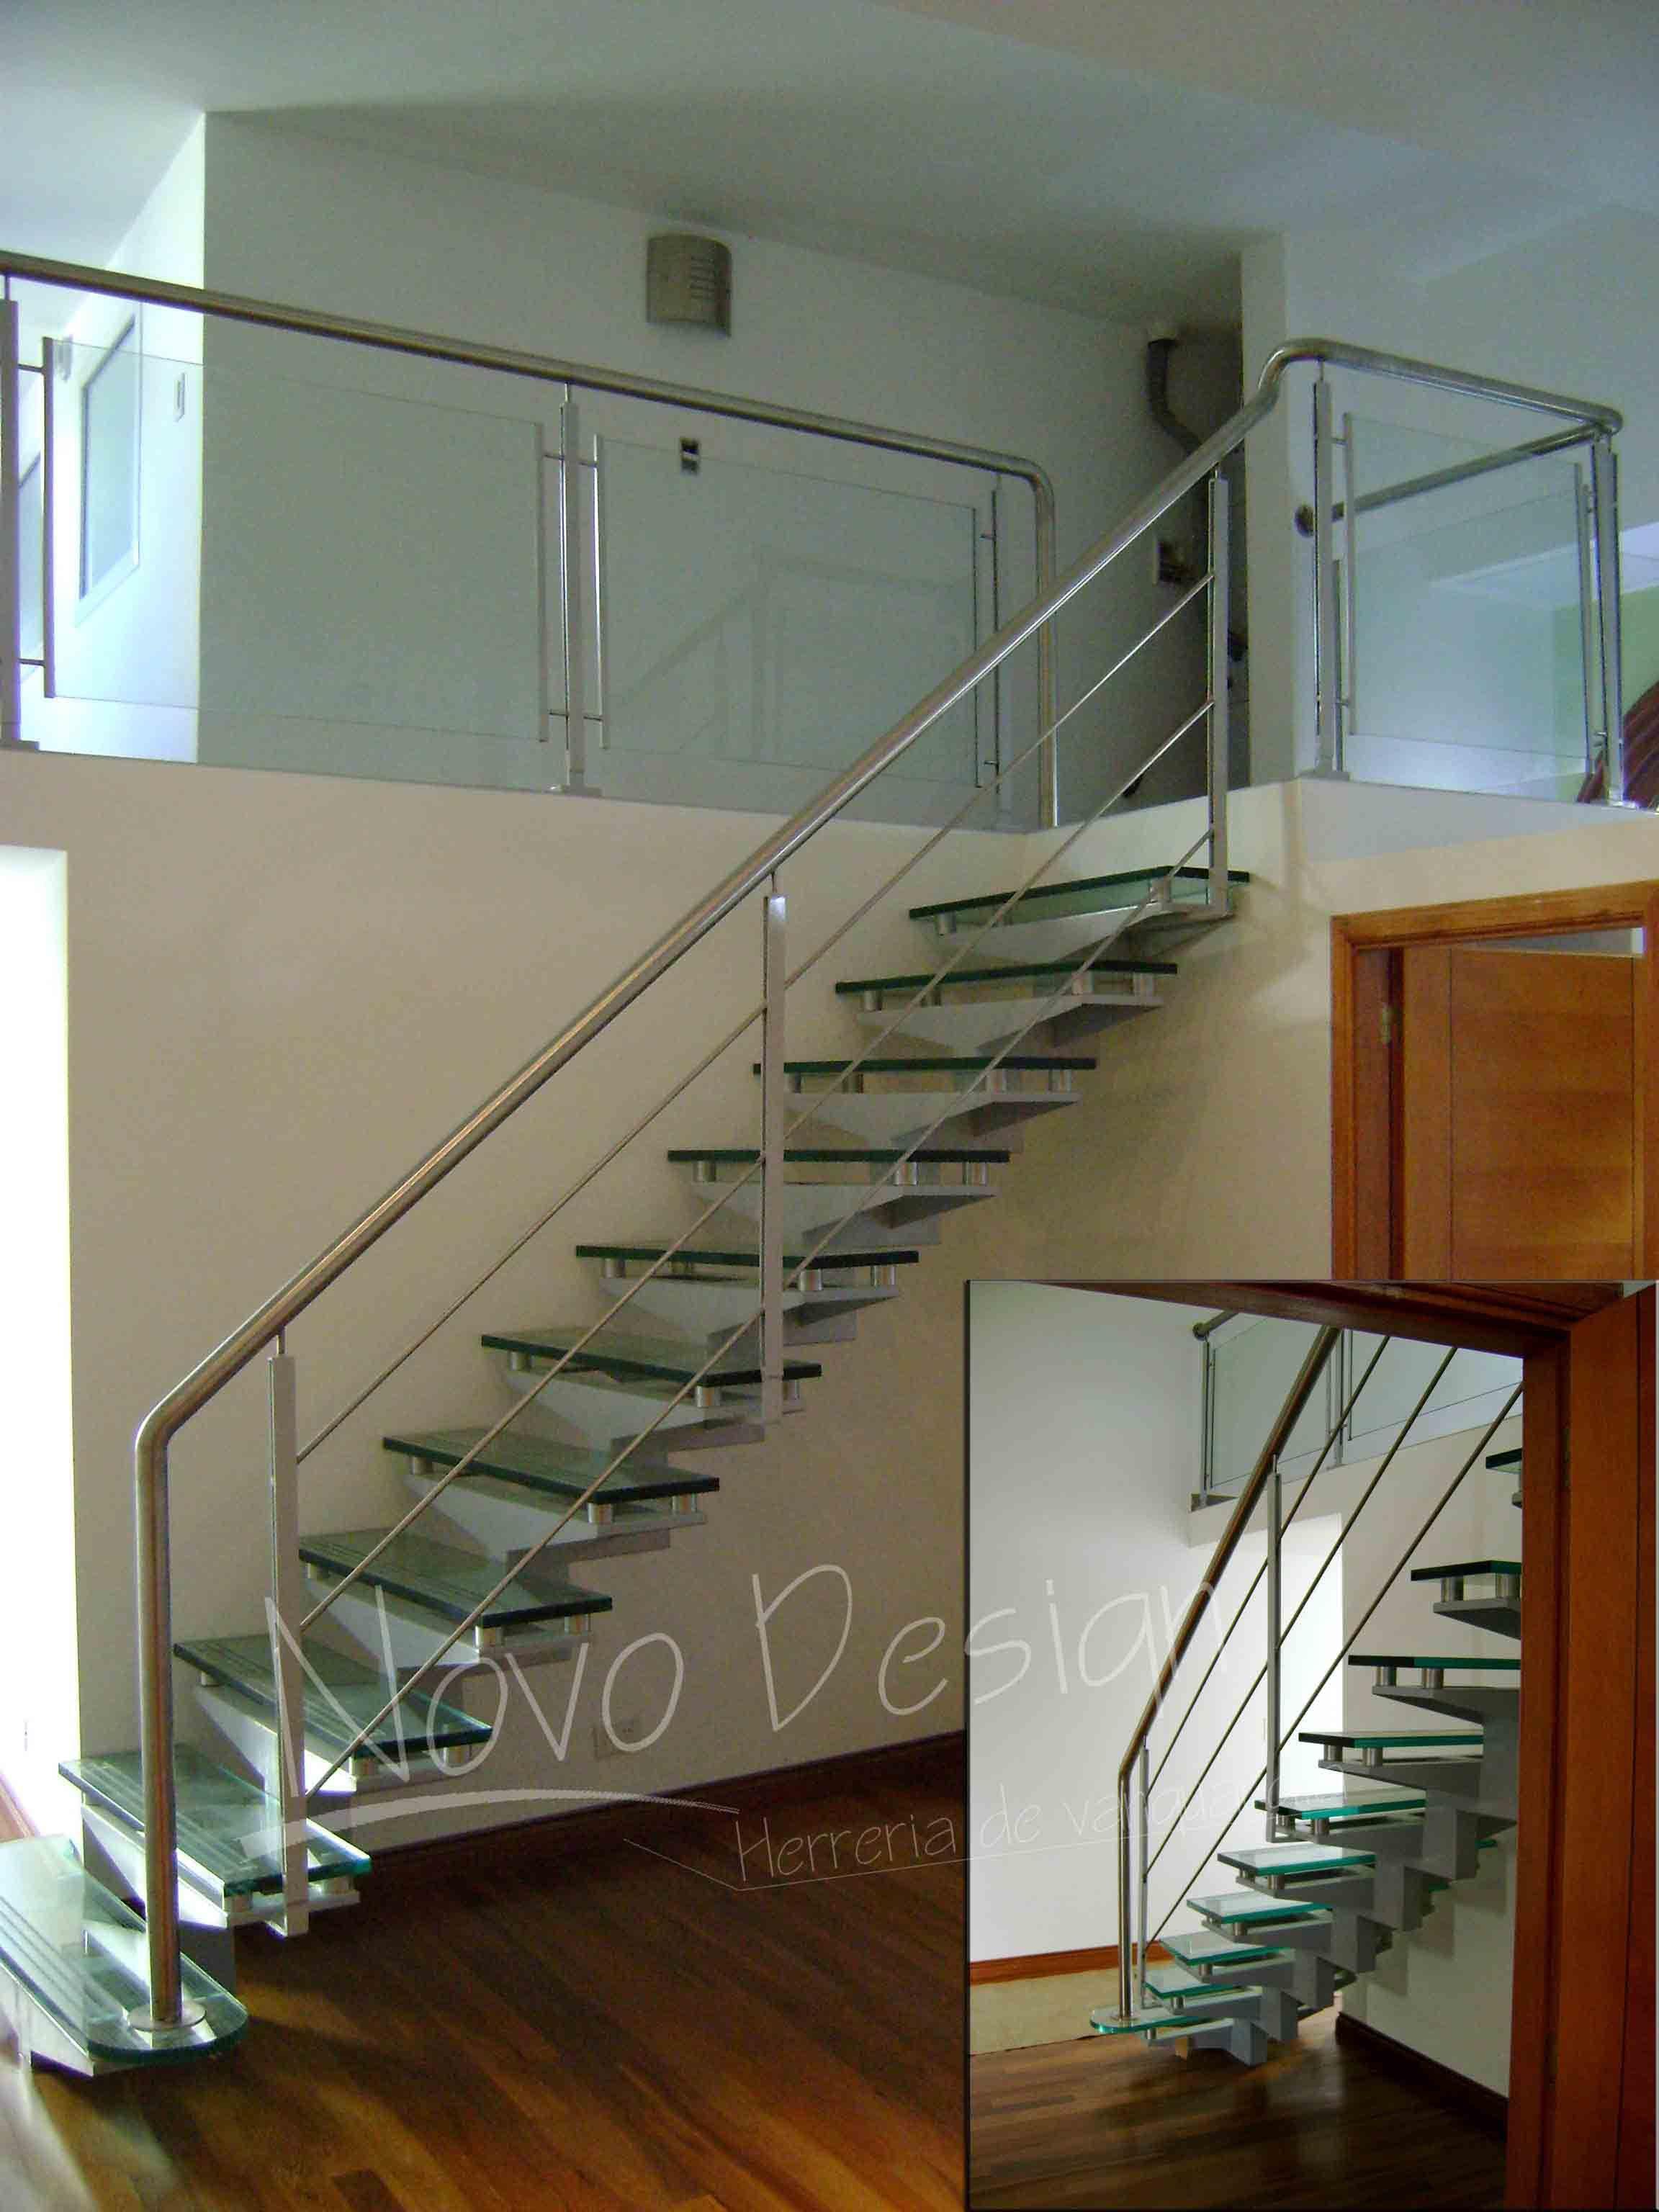 Escaleras Personalizadas Venta De Escaleras Y Barandas Novo Design Escaleras De Vidrio Pasamanos De Hierro Escaleras